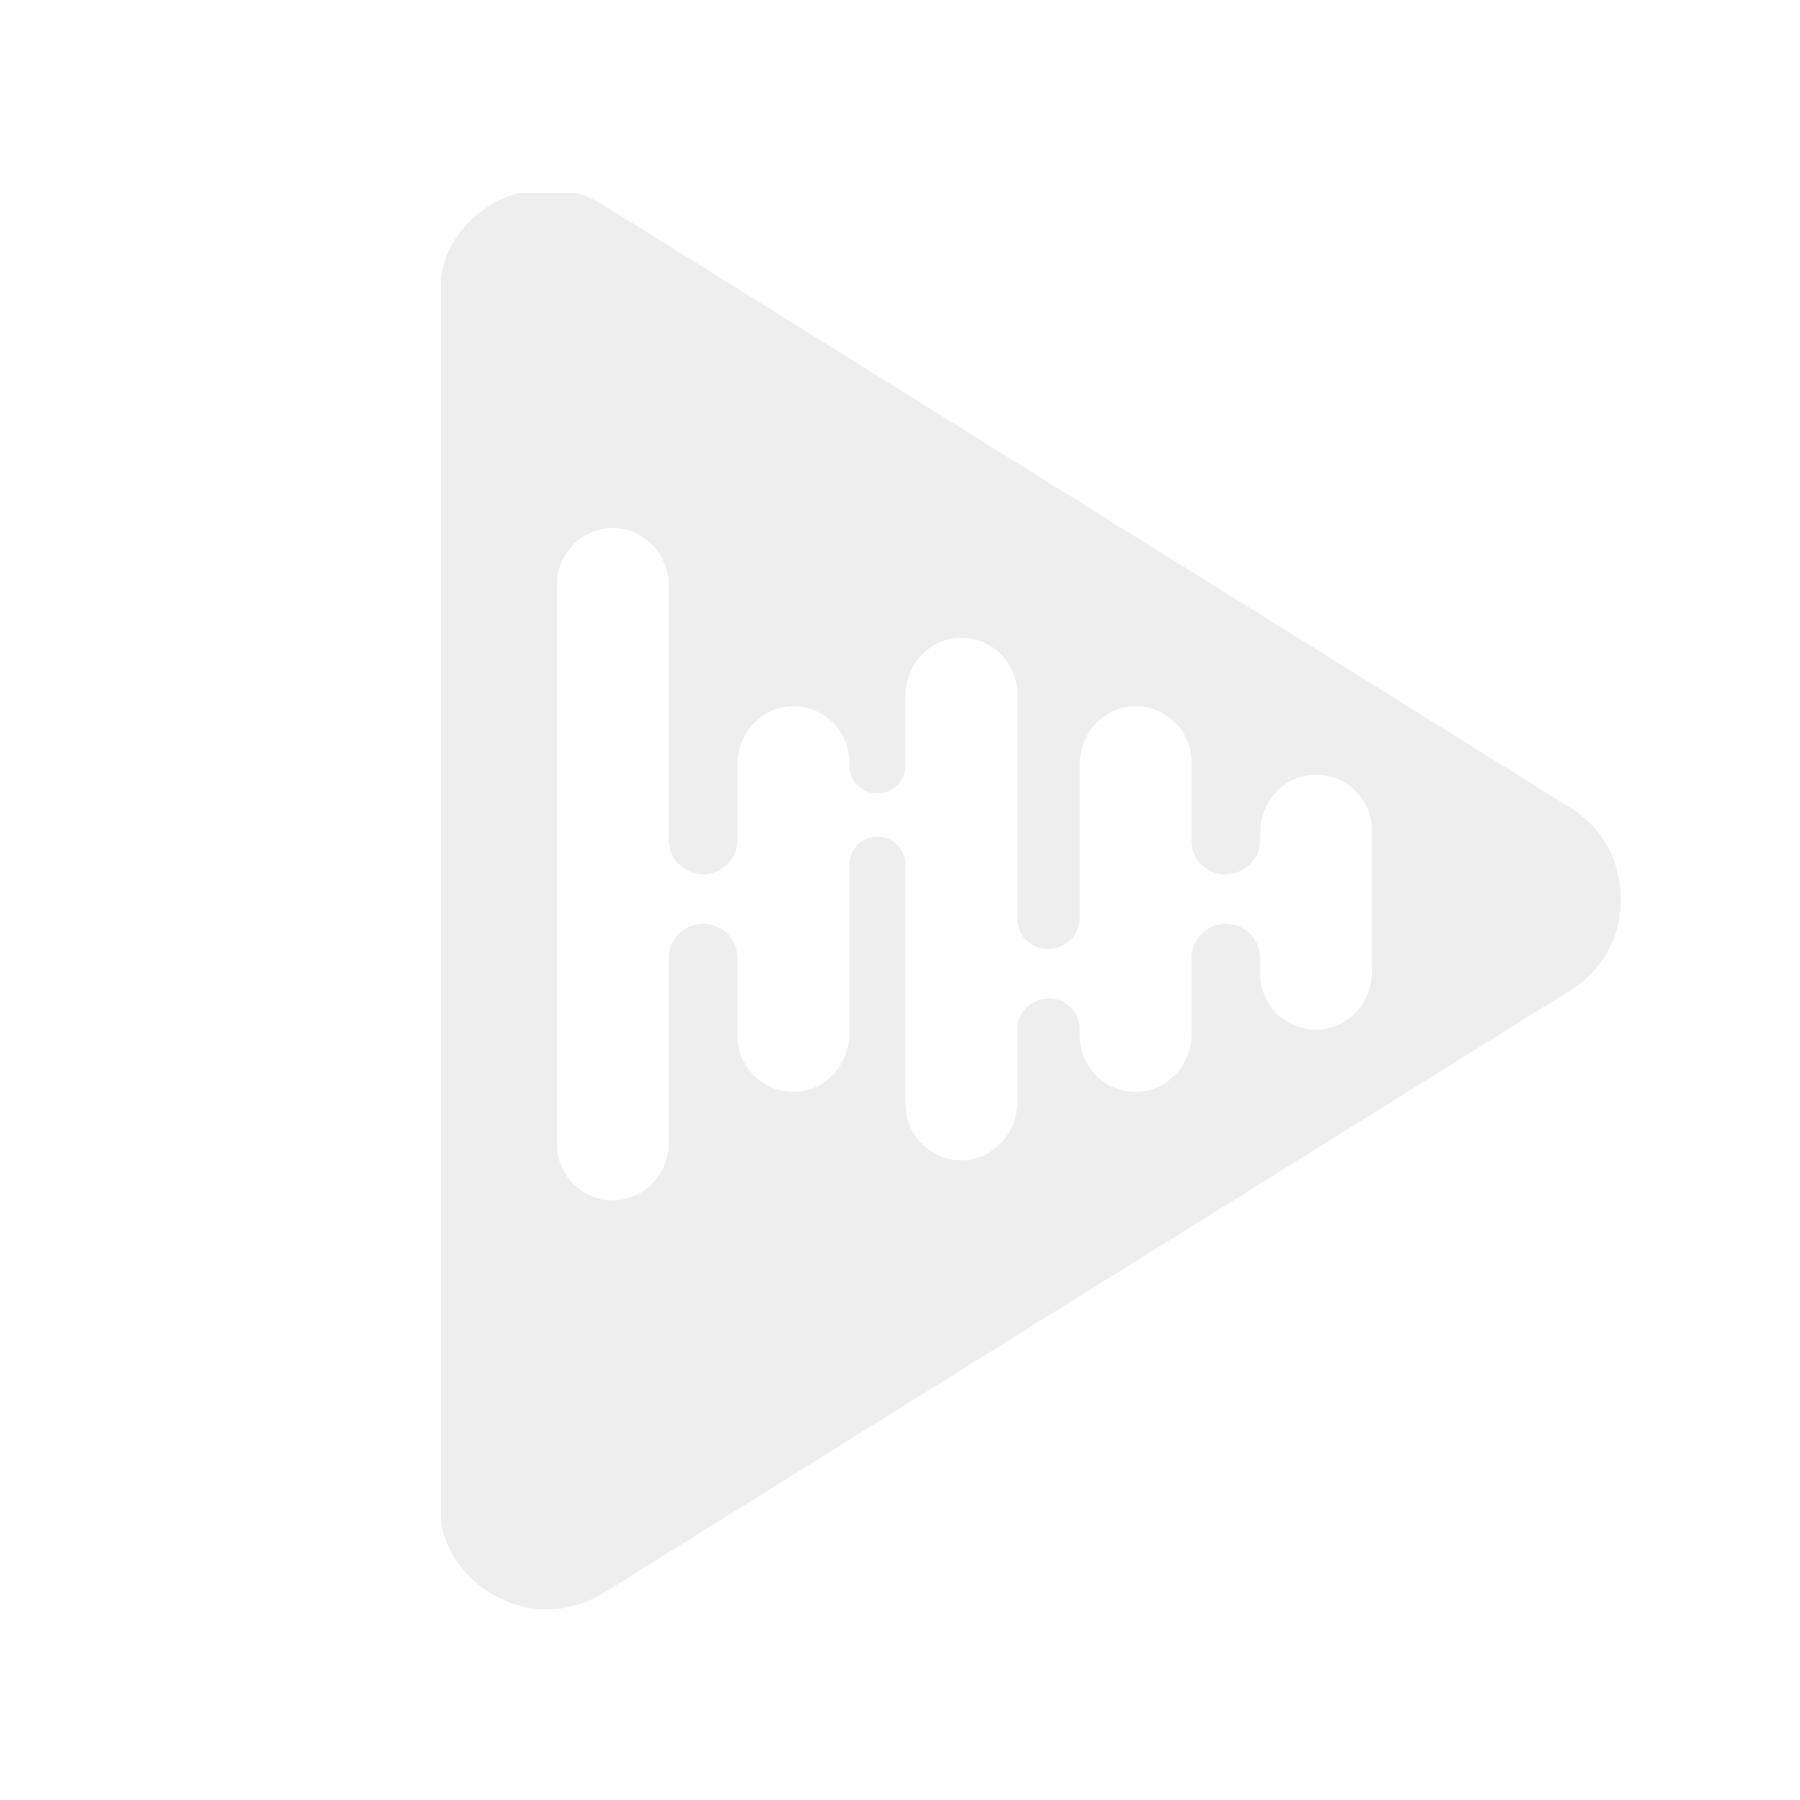 Audison AP8.9 BIT-ISO